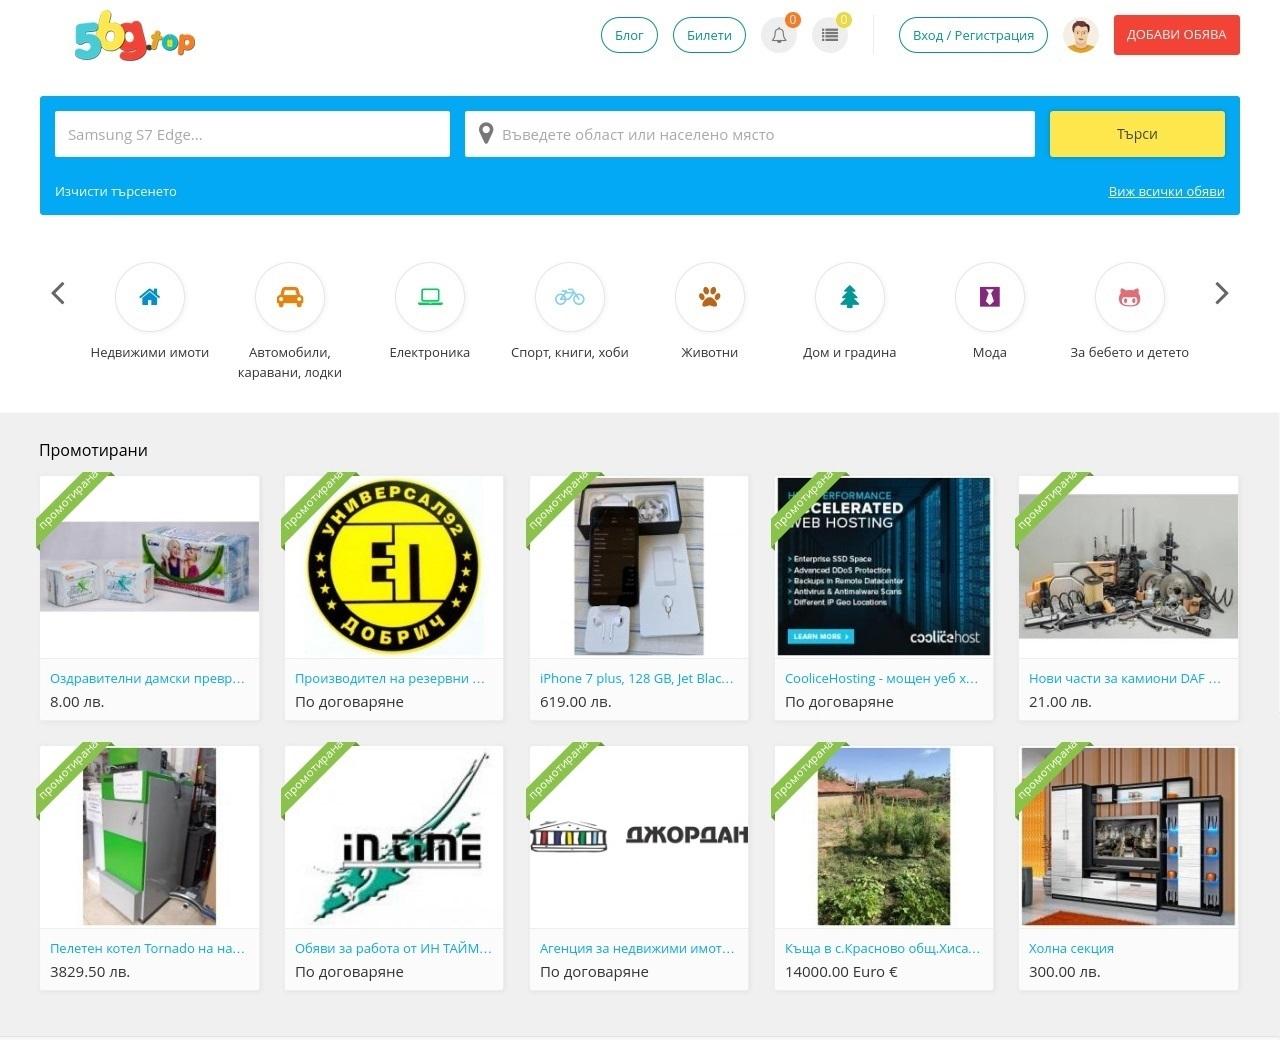 Изграждане и SEO на 5bg.top - prodavalnik.top - безплатни обяви продавалник olx bazar alo СЕО.БГ уеб дизайн СЕО оптимизация, реклама, изграждане на сайтове, маркетинг, изработка на сайтове, уеб дизайн, SEO, онлайн магазини и други